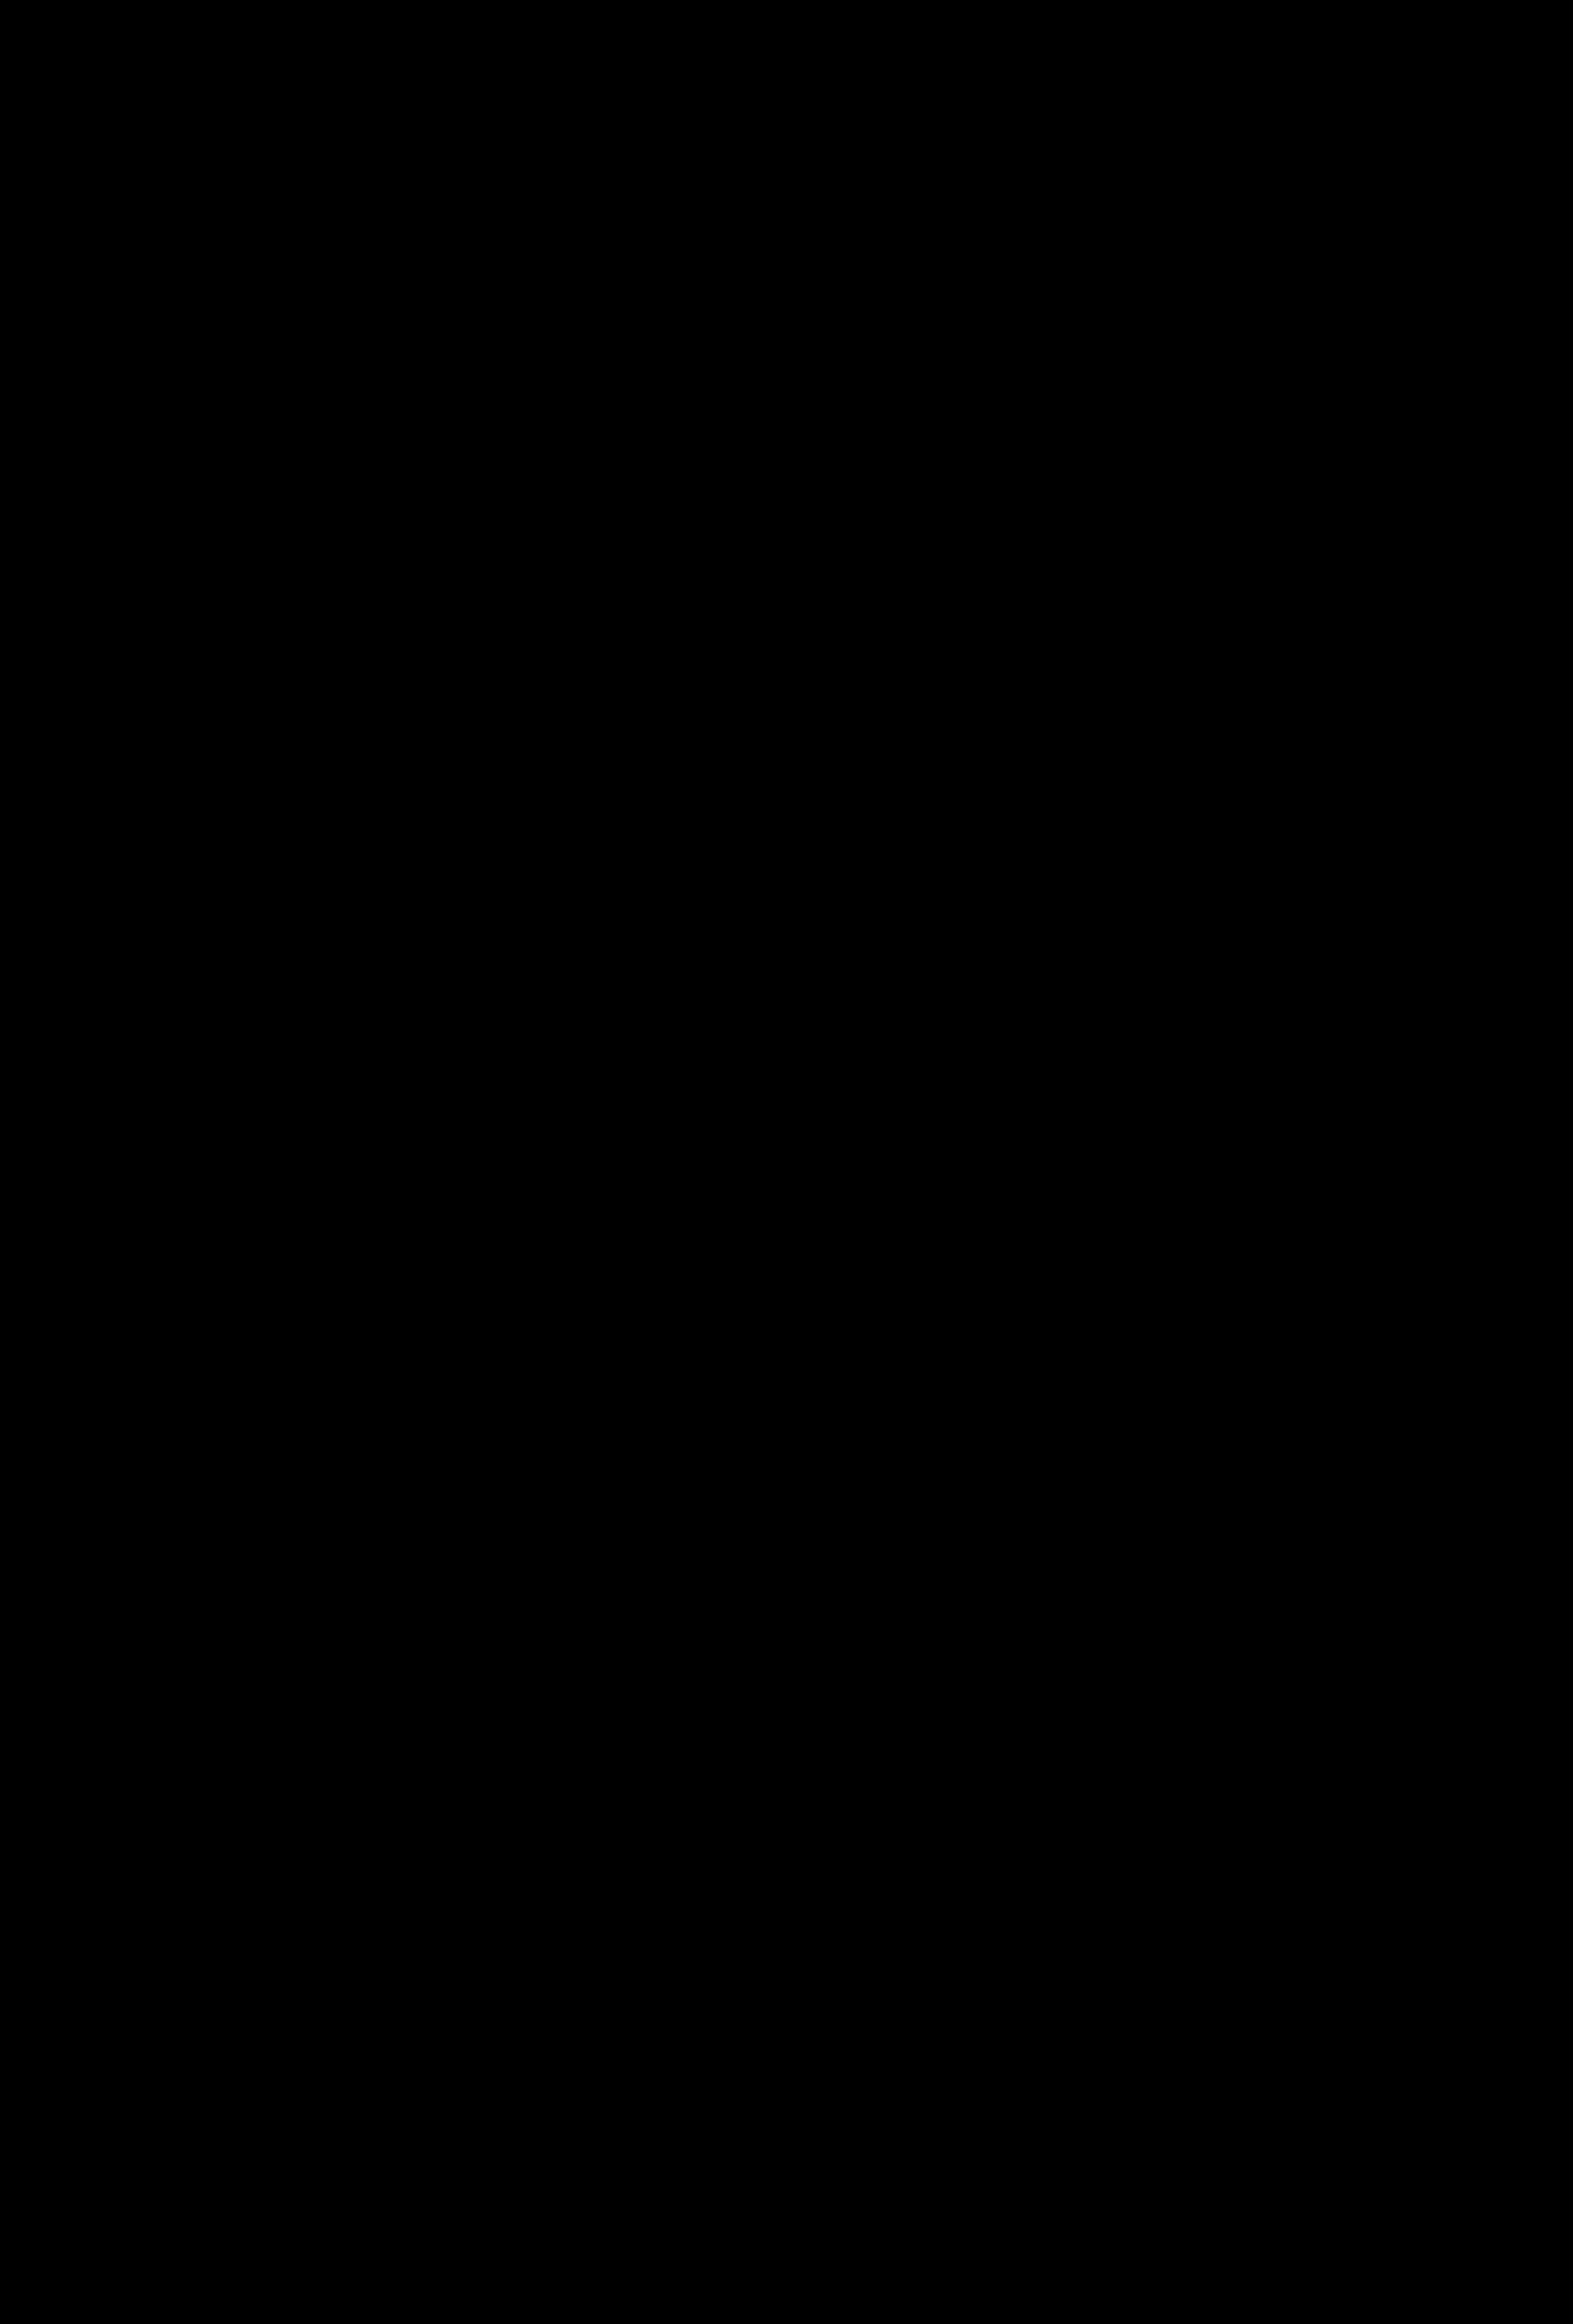 1 Stk Eco-UP-Verteiler 3U24 + Mauerwanne + Schloss BGLD– RAL9016 IL764324-W